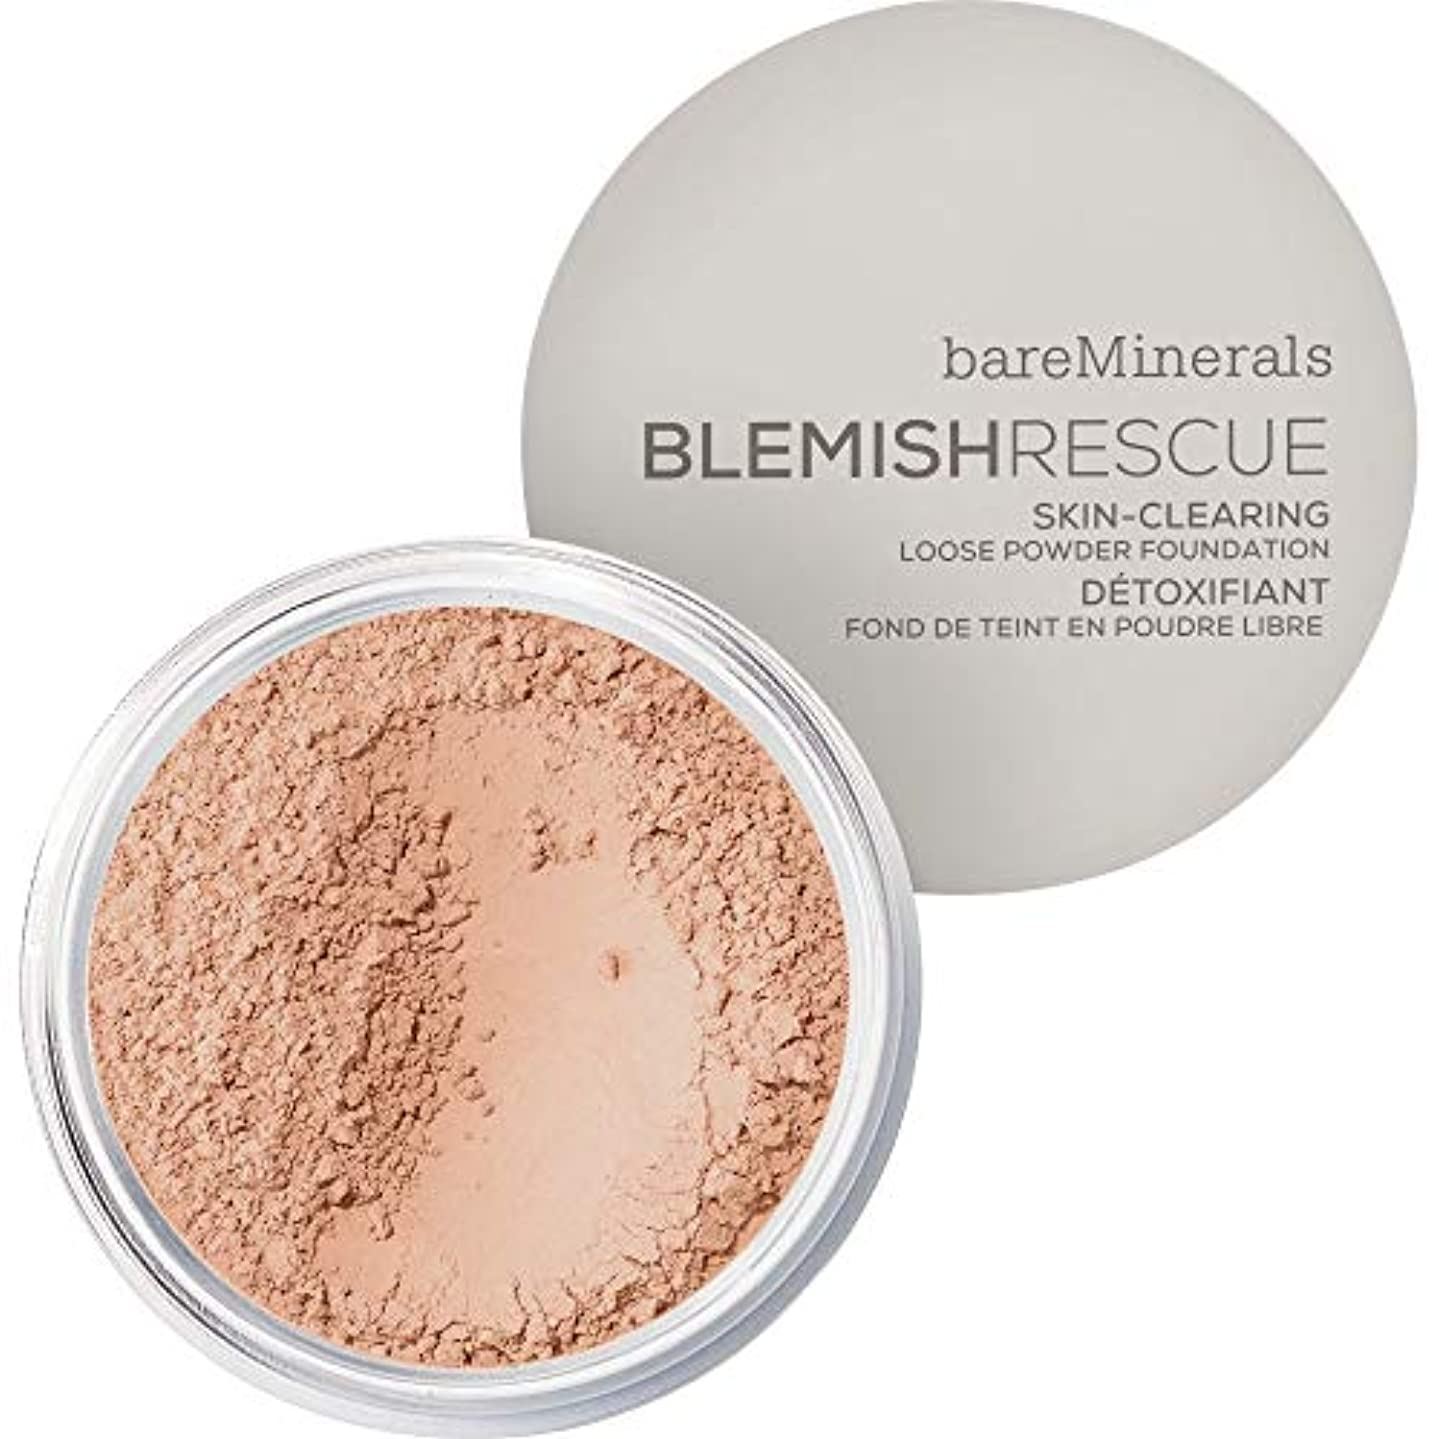 衝撃露乱れ[bareMinerals ] メディア - ベアミネラルは、レスキュースキンクリア緩いパウダーファンデーションの6グラム3Cは傷 - bareMinerals Blemish Rescue Skin-Clearing...